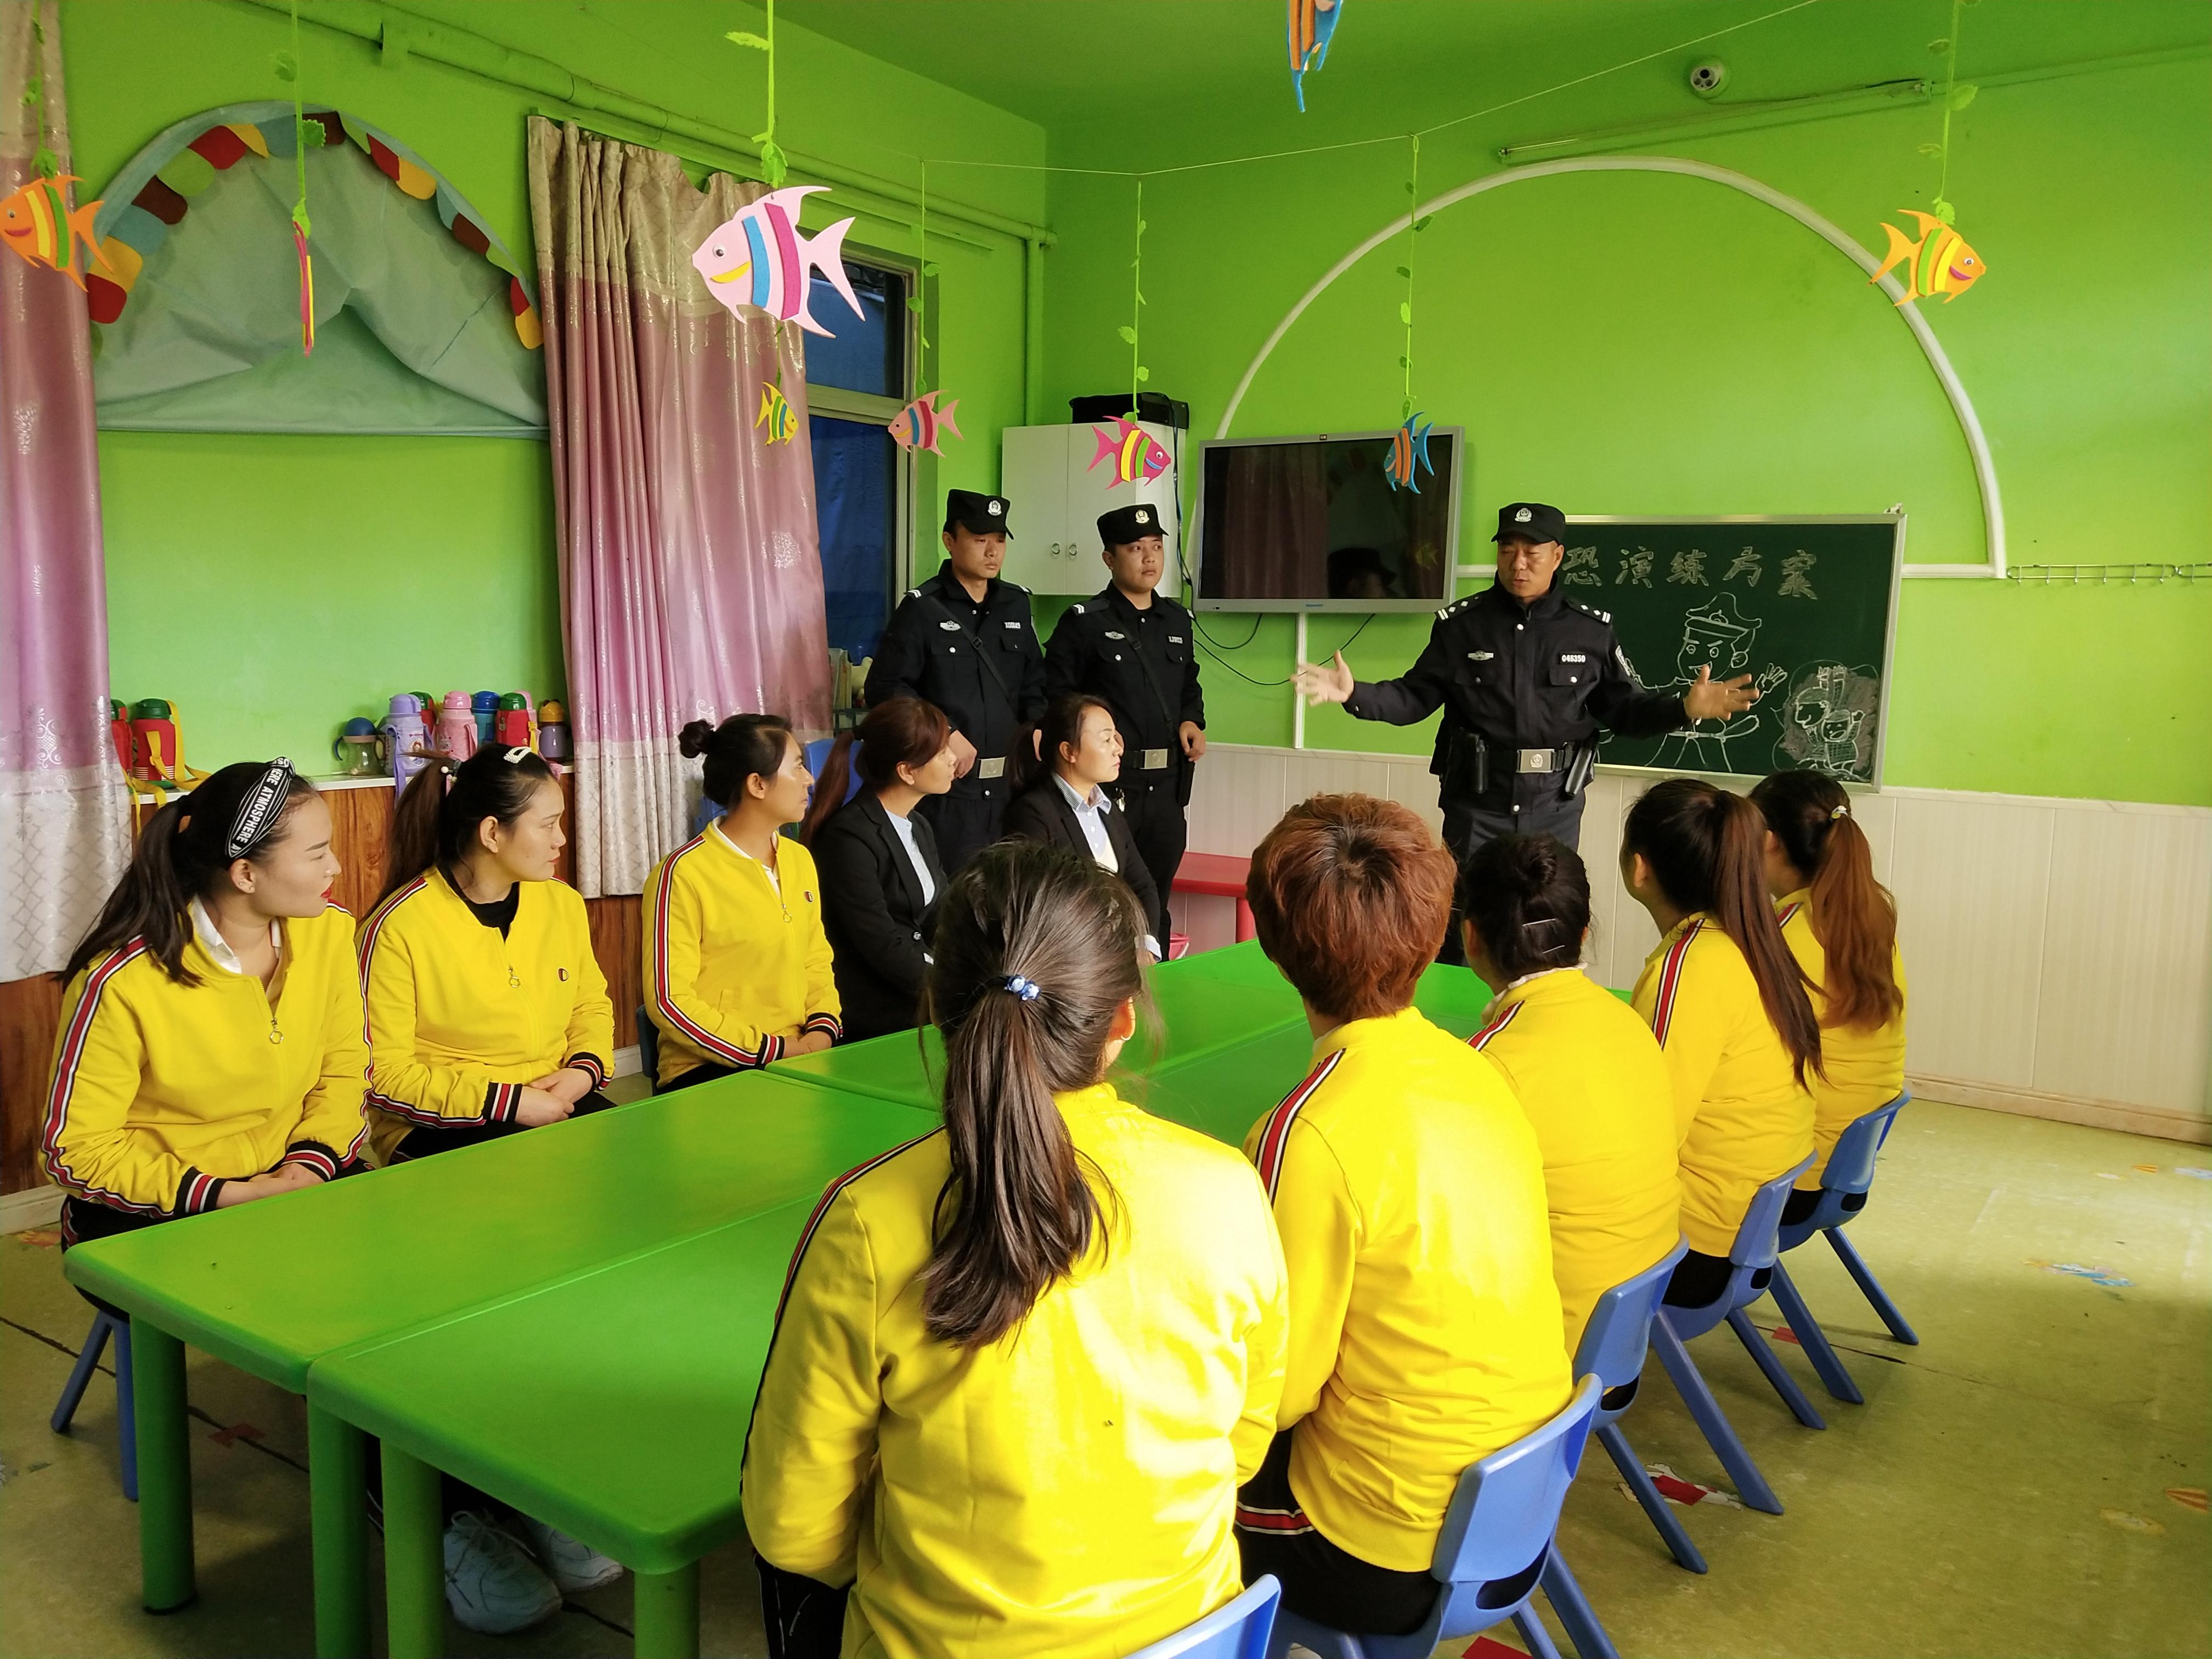 韩城公安:乔南派出所走进幼儿园开展反恐演练活动